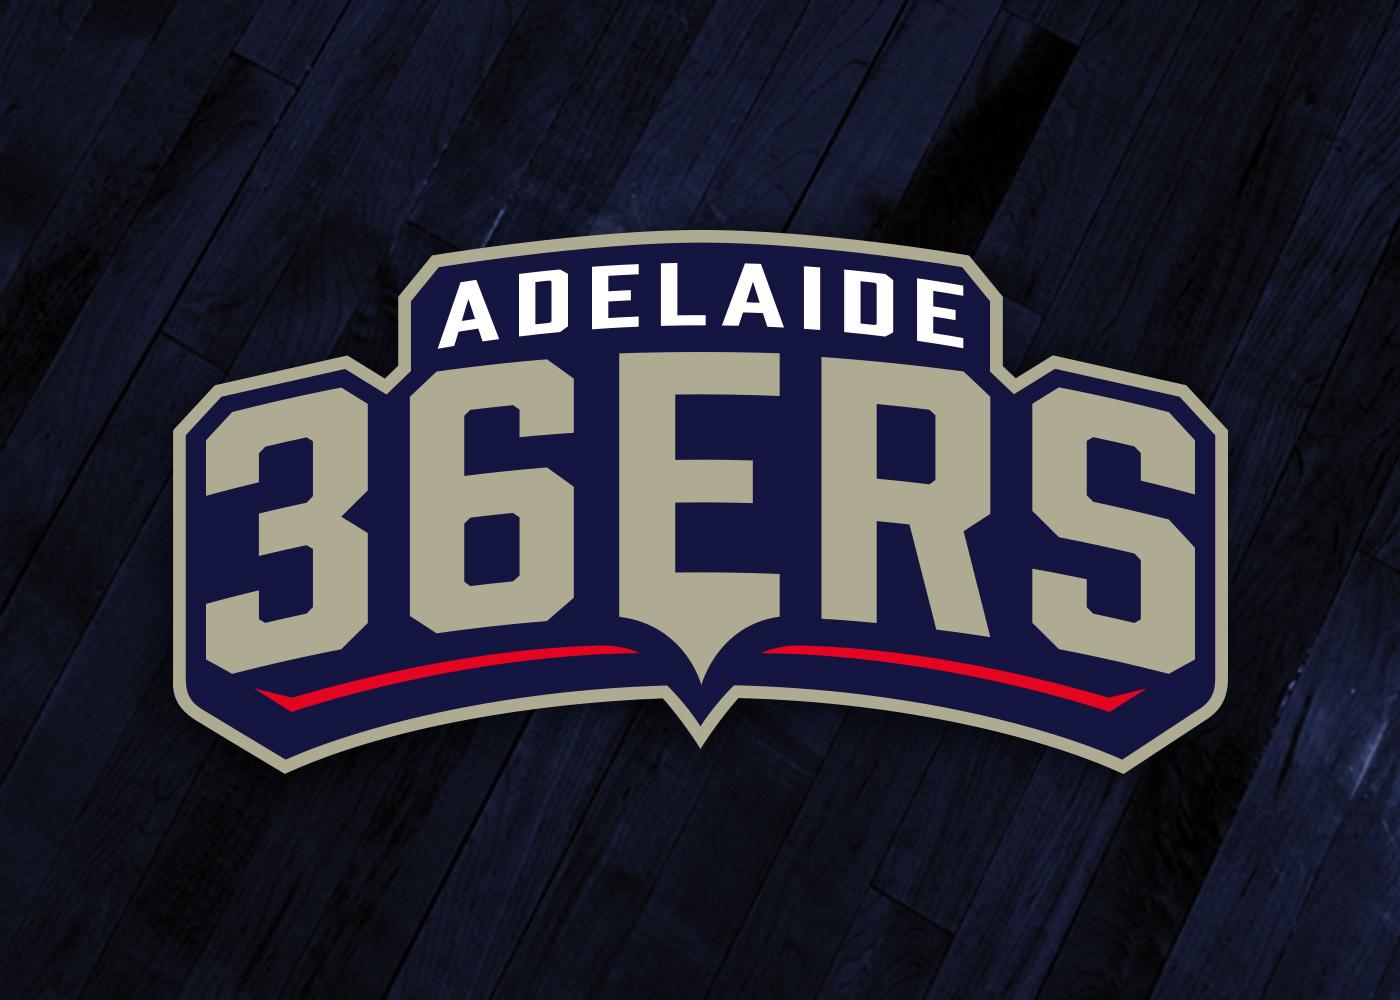 ADELADIE-36ERS__WebPage_02